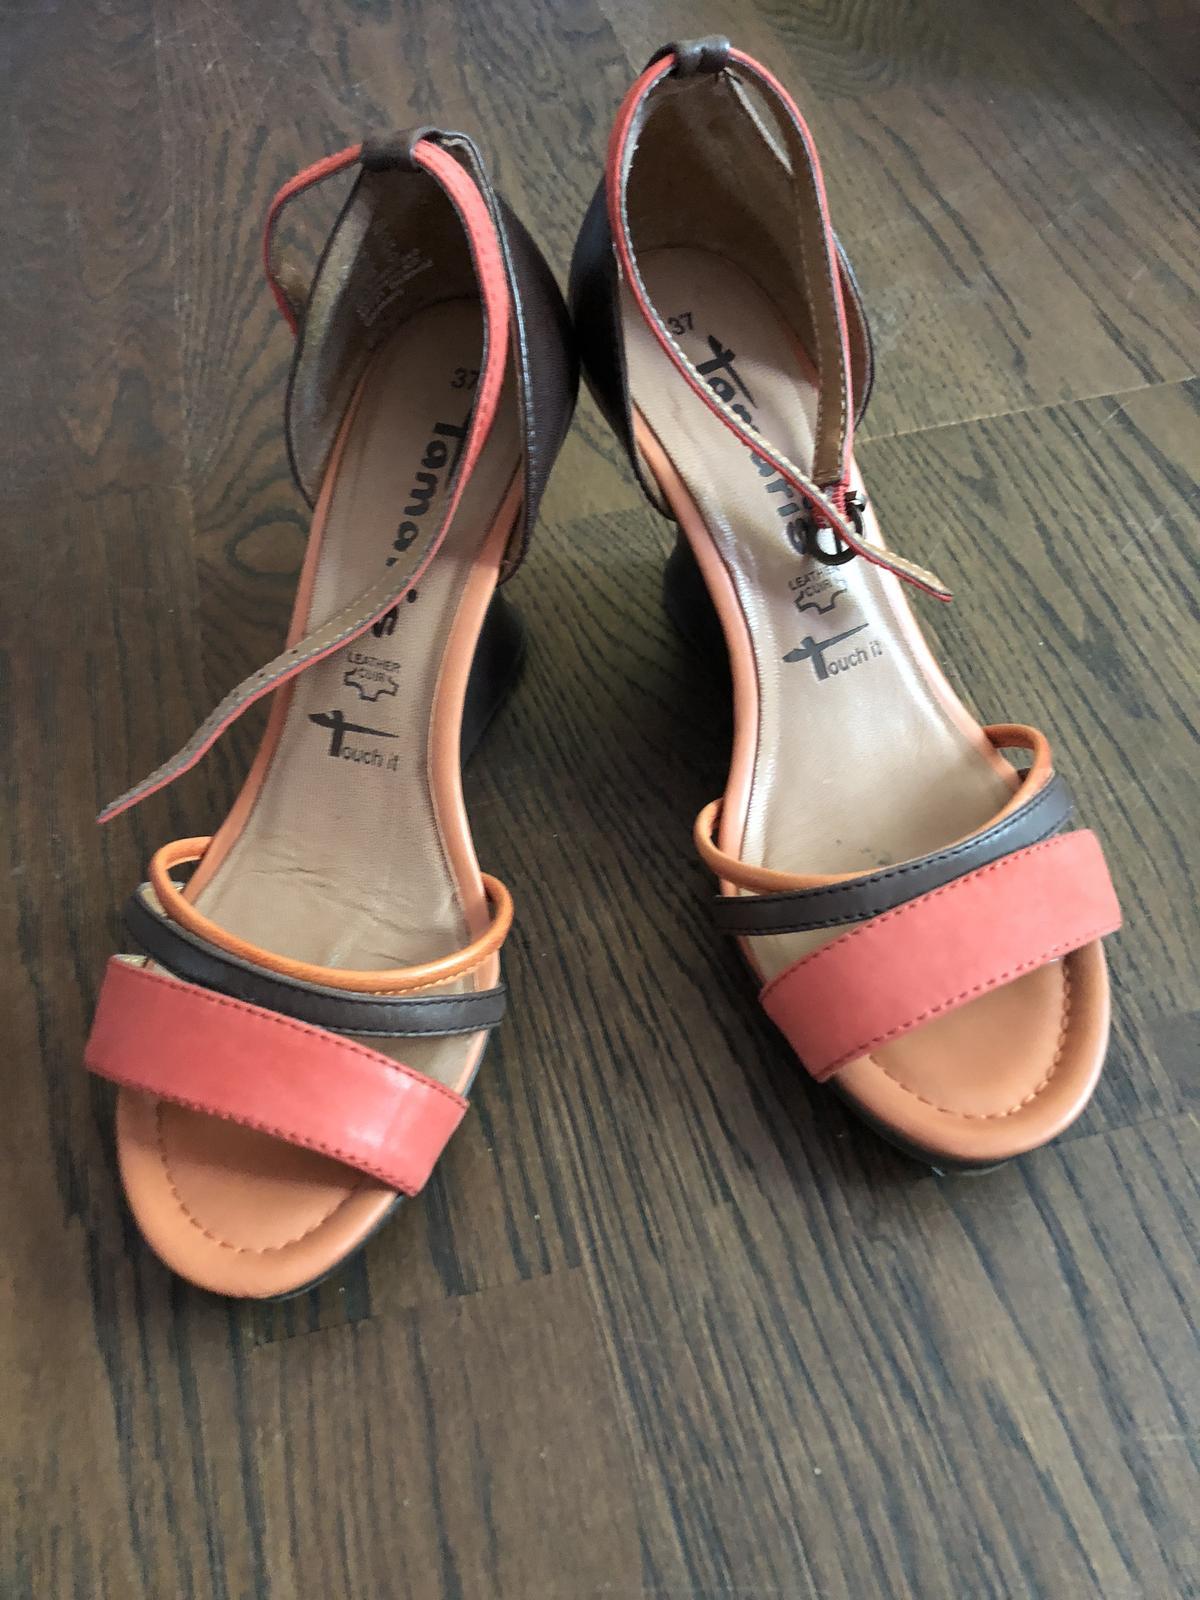 41482a0190e4 Oranzovo-hnede sandale tamaris